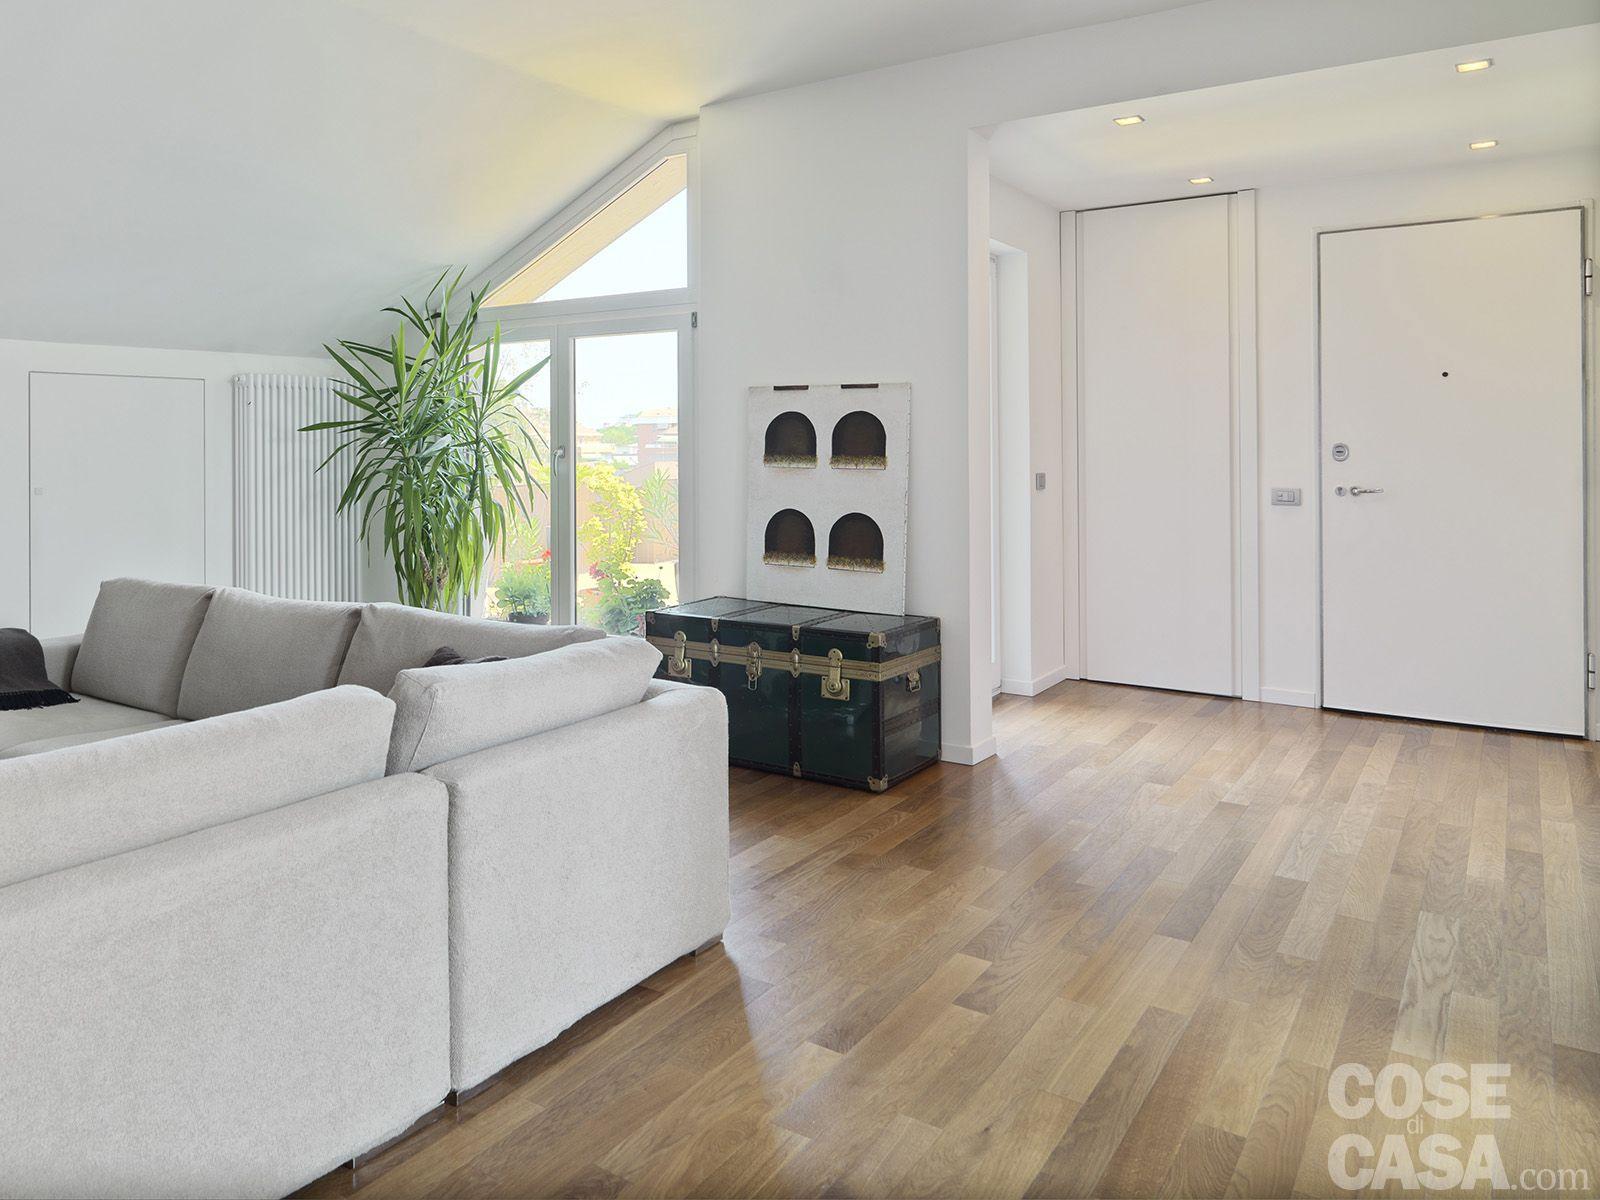 Vivere in mansarda nuovo look per la casa sottotetto  Mansarda  Home Decor Home e Dining room